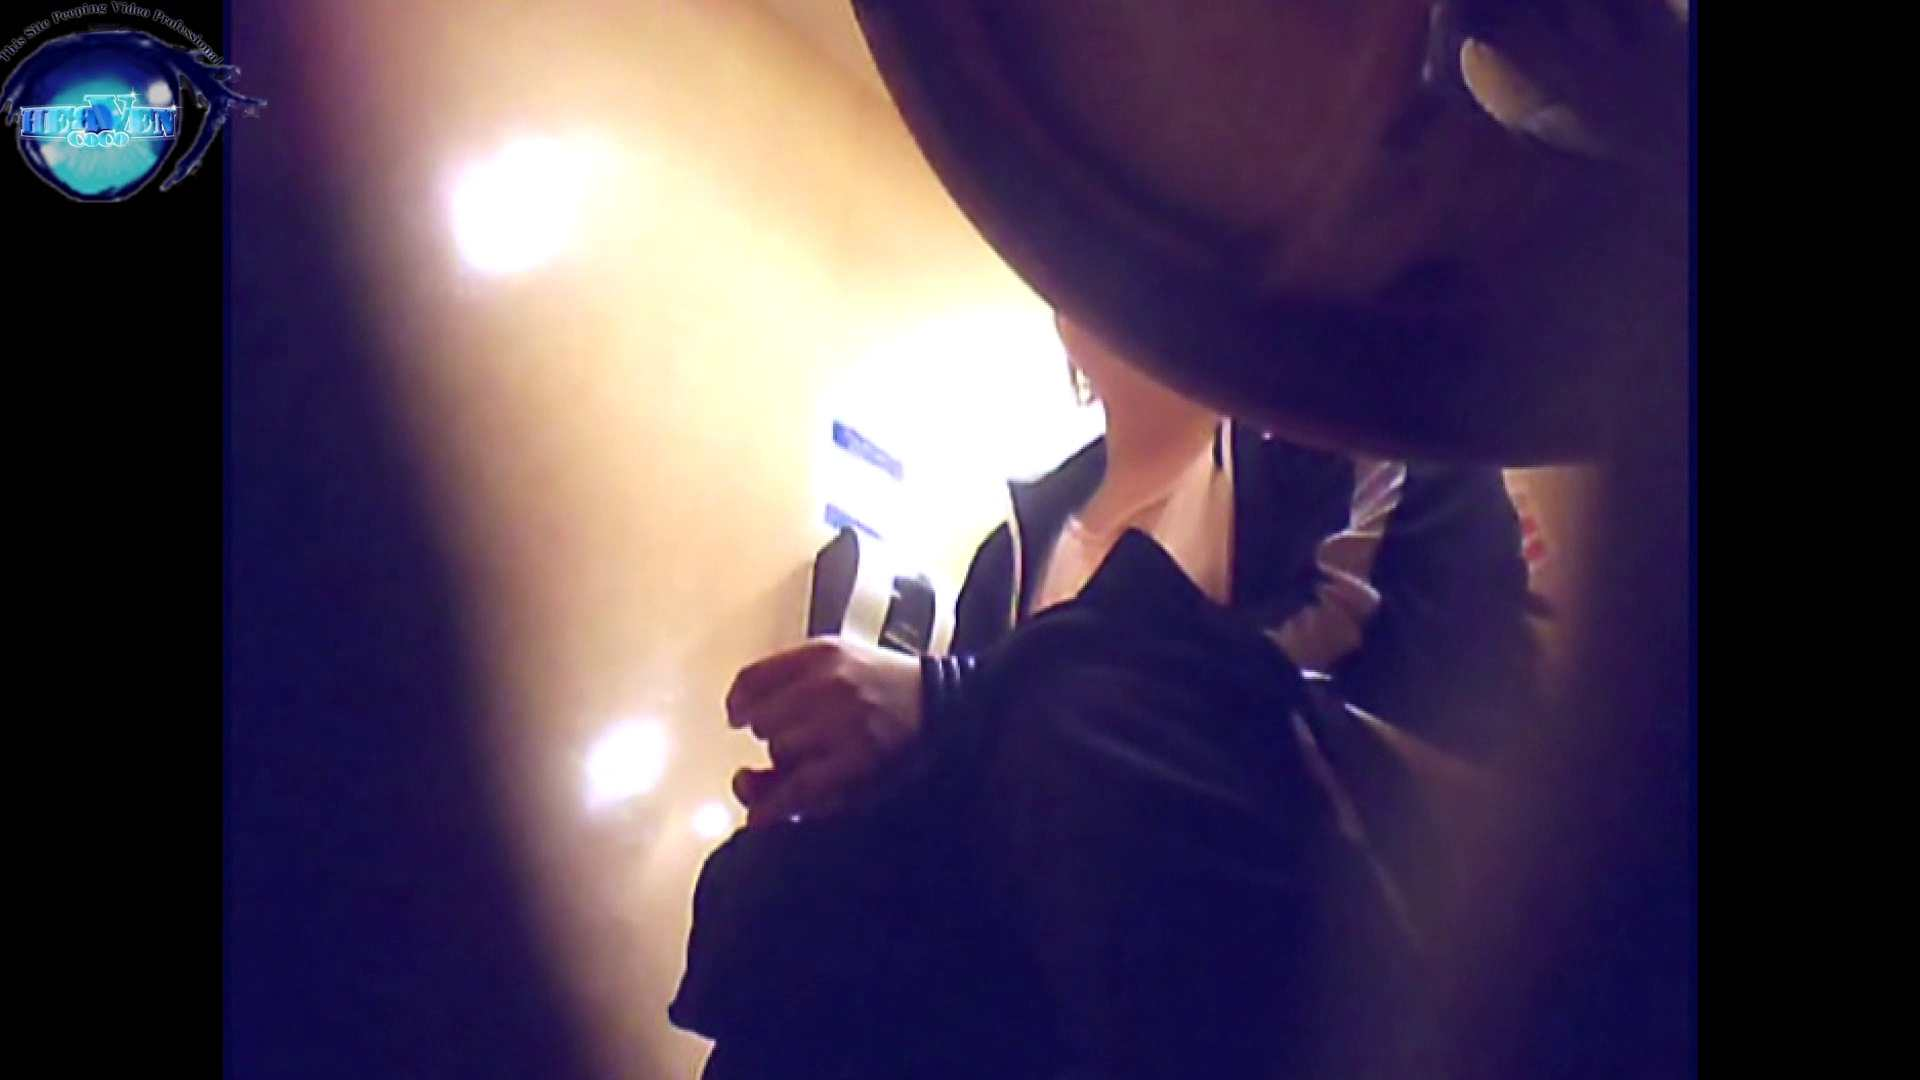 突撃!女子化粧室の真実vol.29 後編 便器の中 オメコ動画キャプチャ 106PIX 44